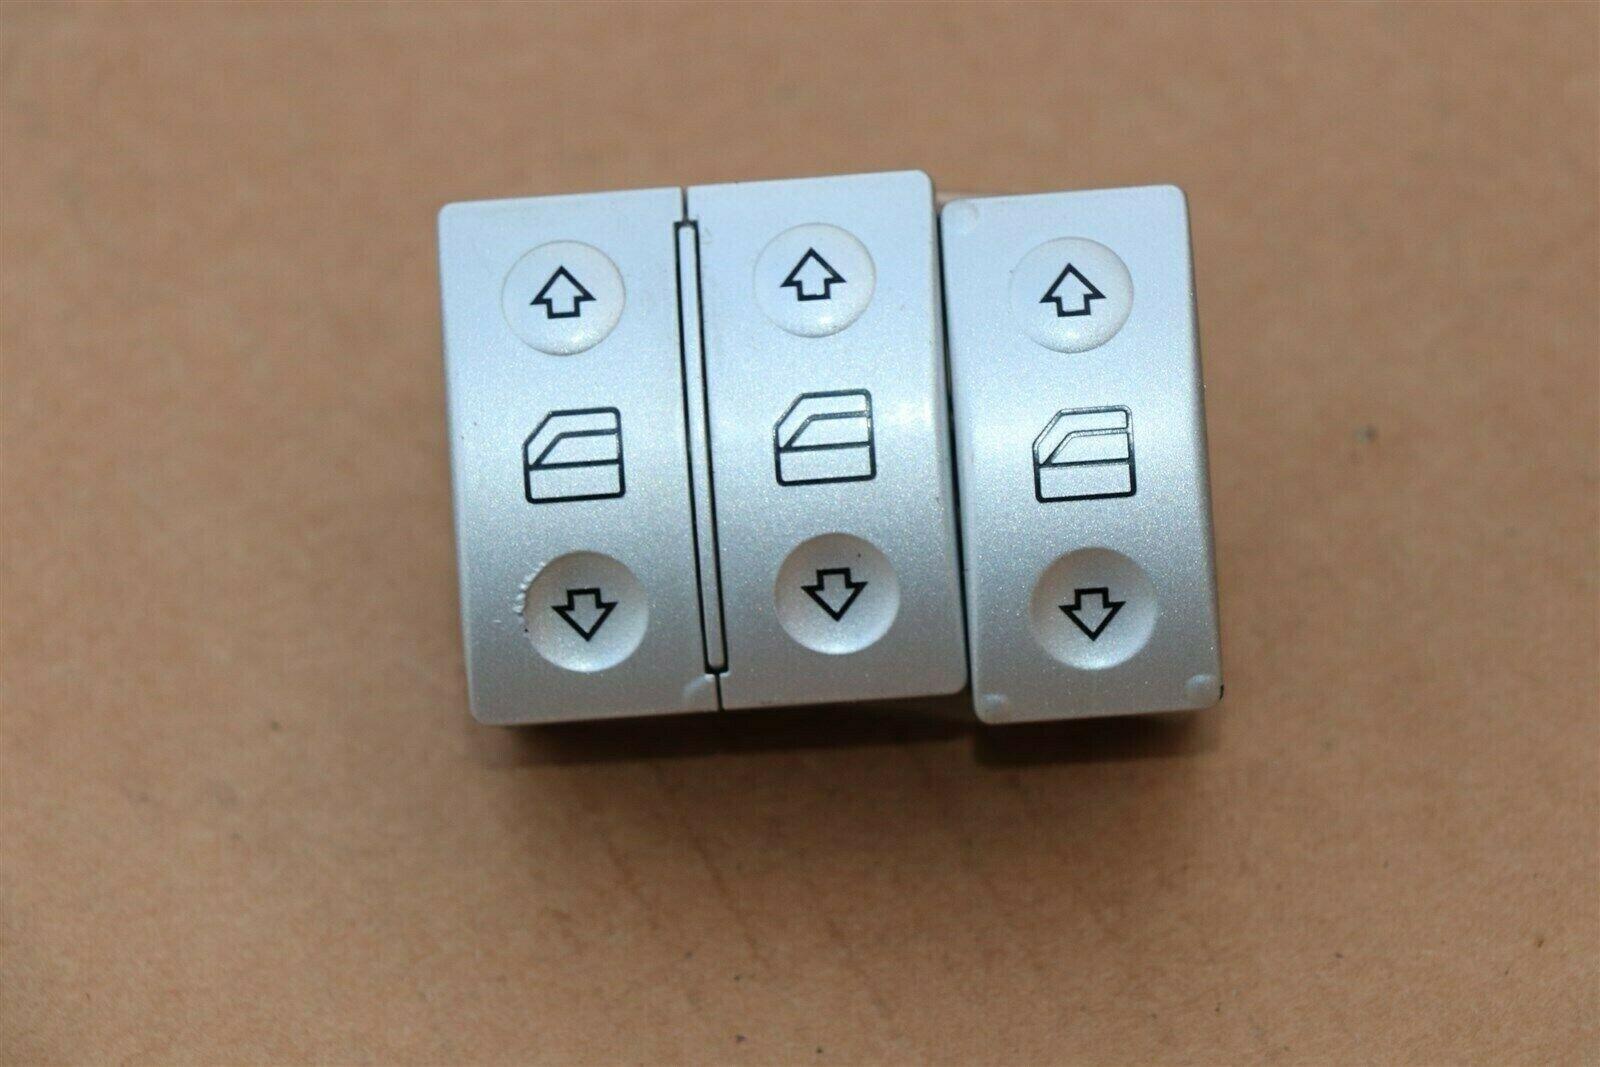 05-08 Mercedes R171 SLK280 SLK350 Power Window Master Switch Set Left & Right